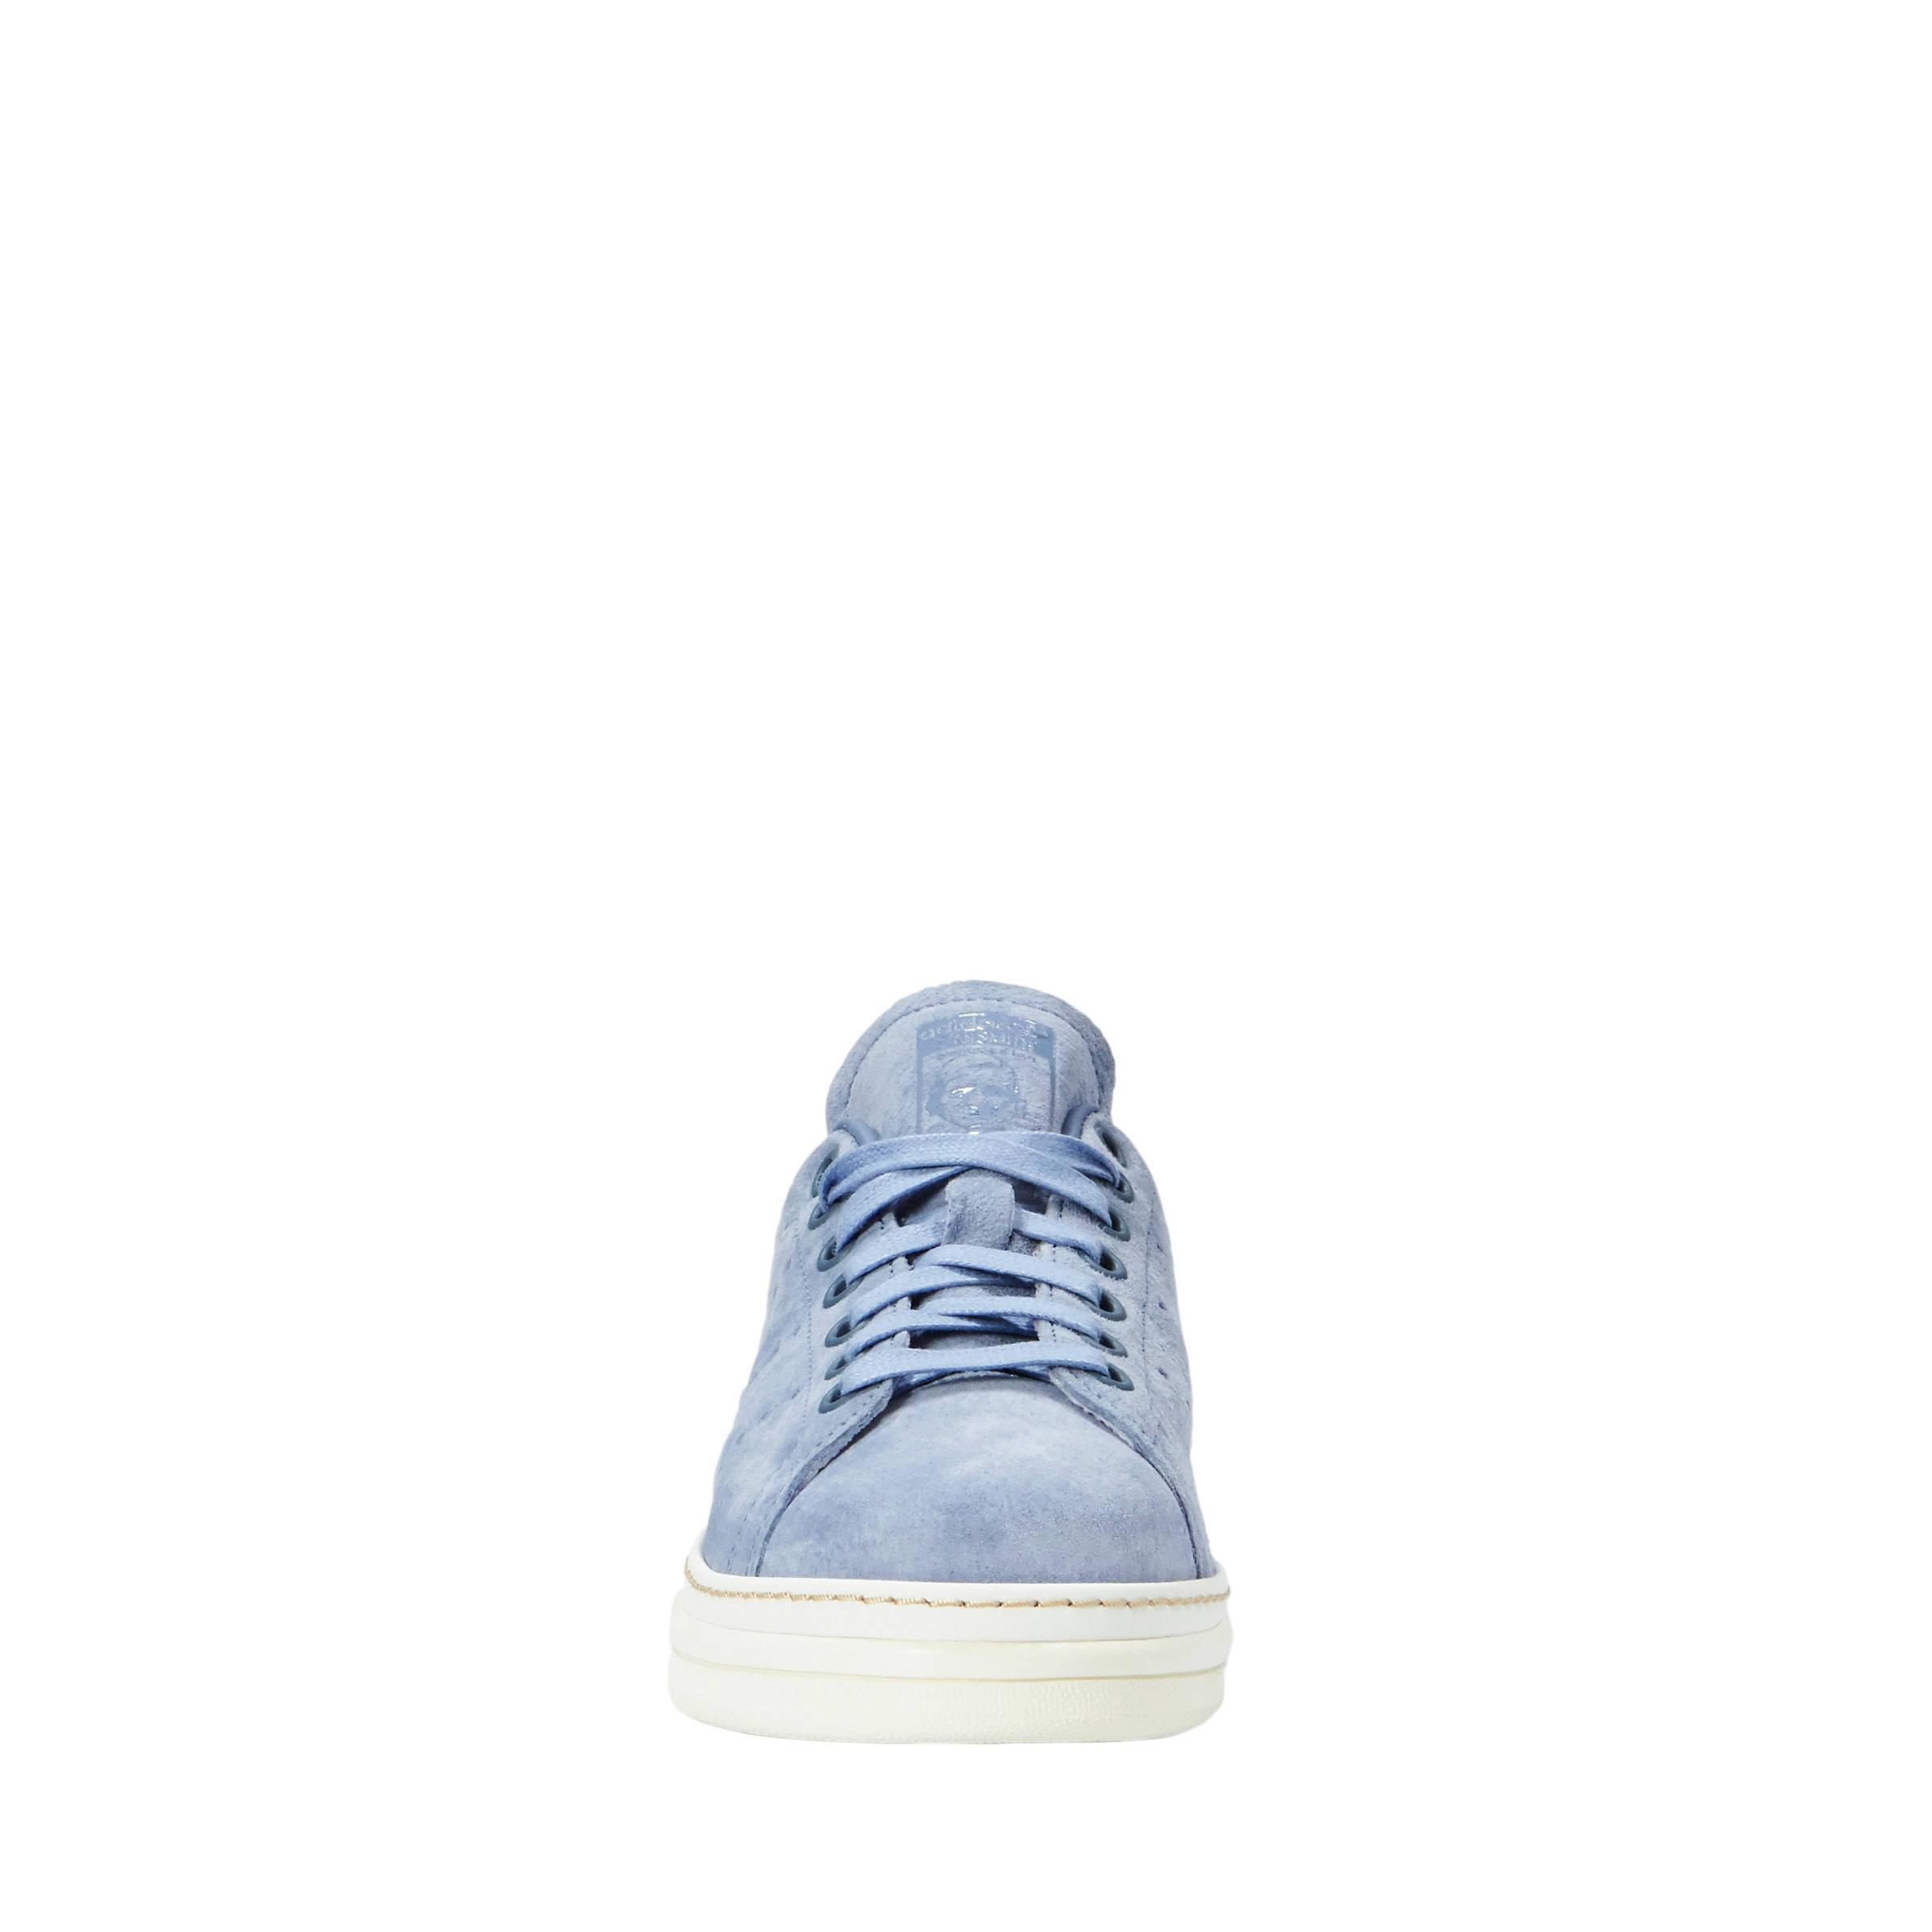 adidas schoenen suede lichtblauw